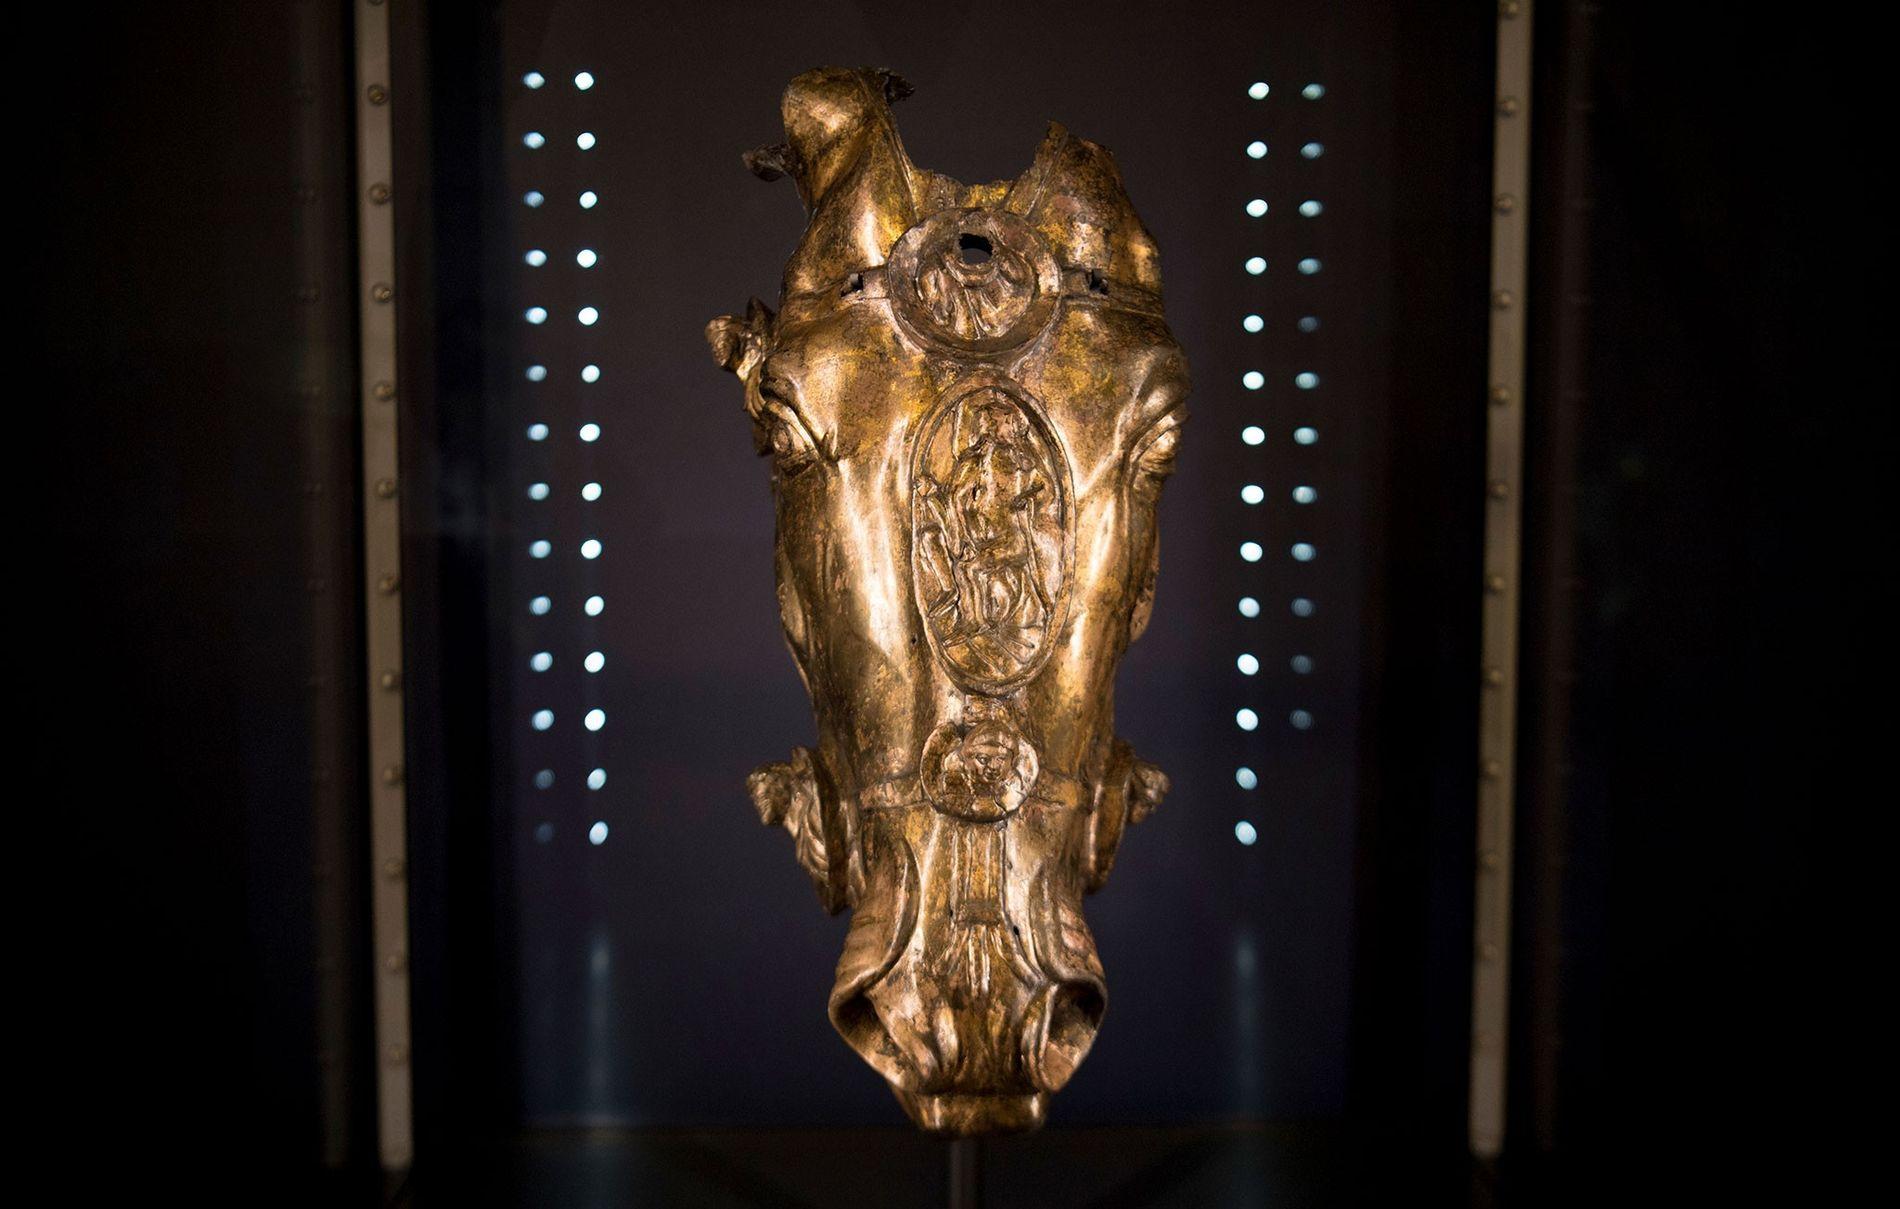 Désormais exposée en Allemagne, cette tête de cheval dorée appartient certainement à une statue grandeur nature représentant un empereur romain et sculptée en l'an 1 après J.-C.